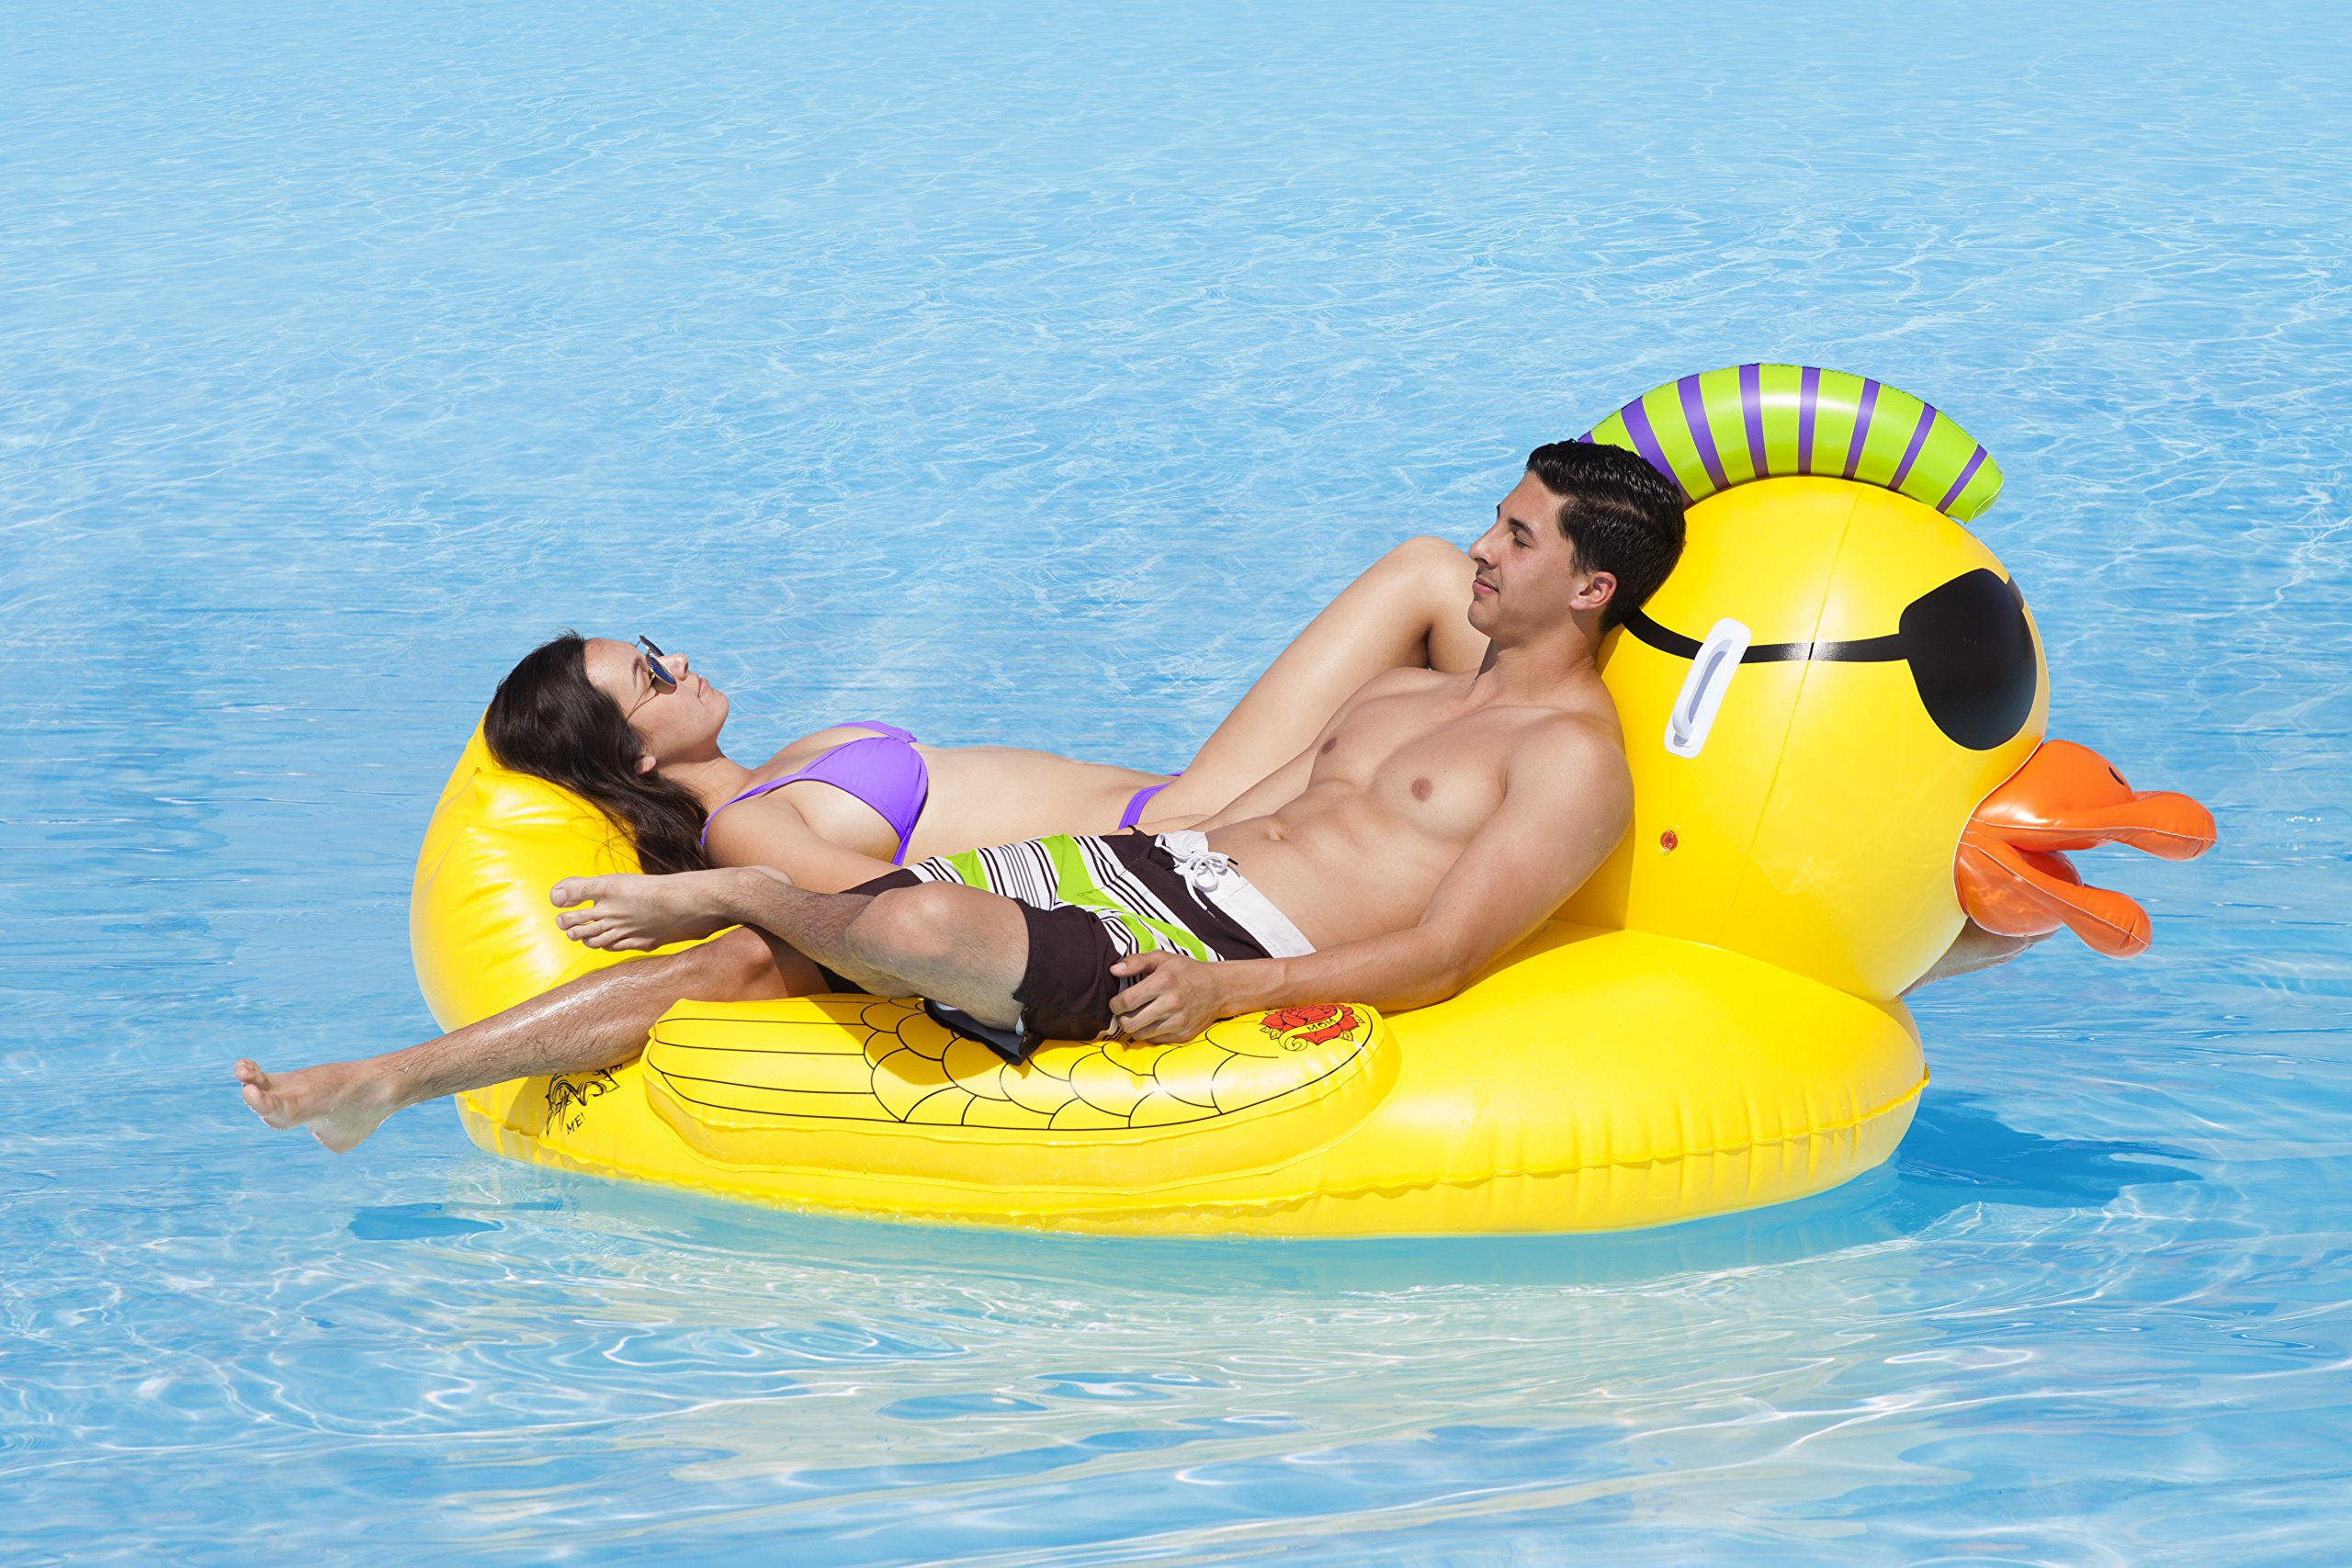 SPORTSSTUFF PUNK PIRATE DUCK Float by SportsStuff (Image #2)